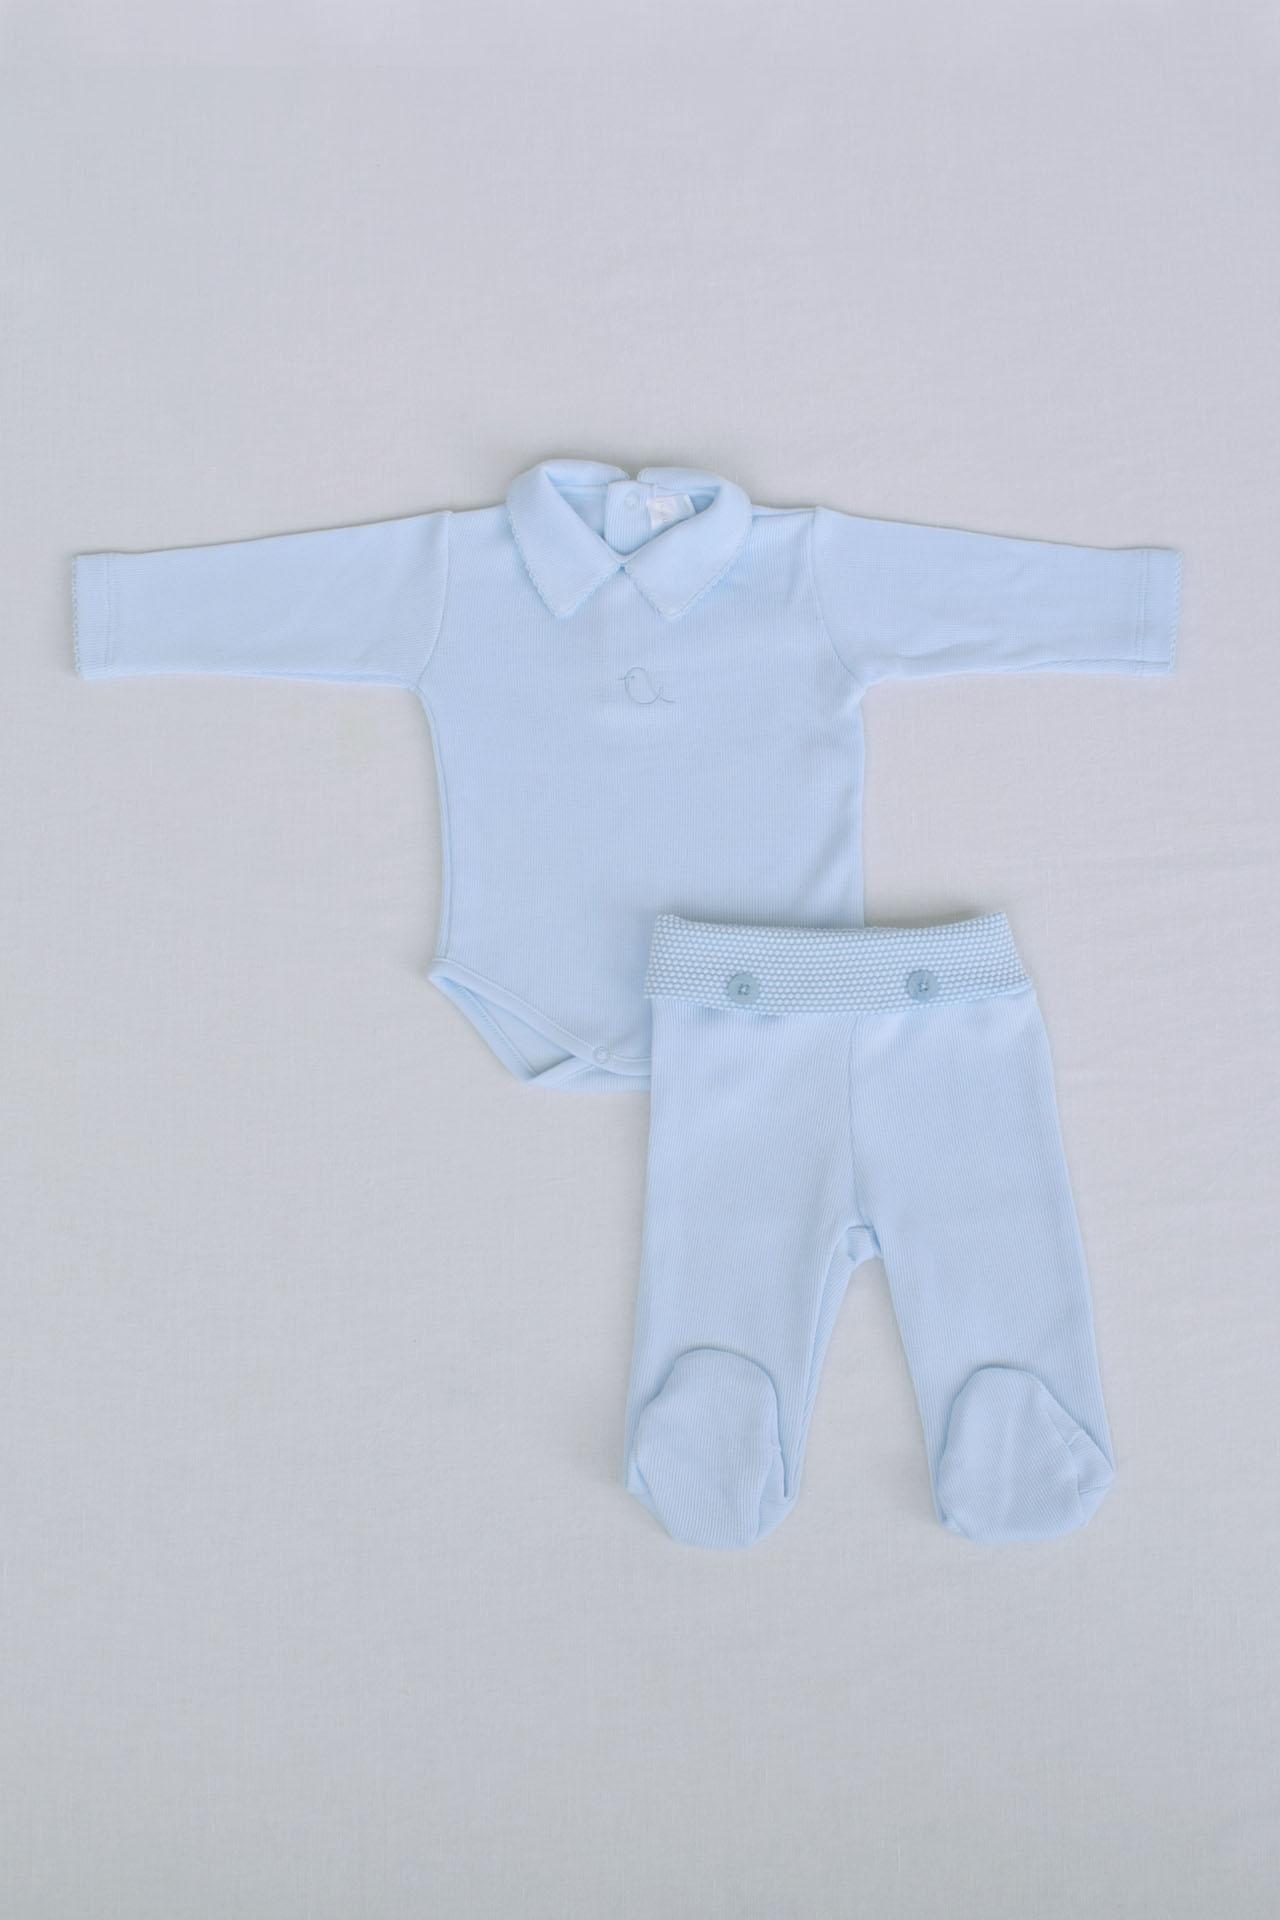 El Set Alex, incluye un body y un Pantalón, ambos de Punto Íngles, 100% algodón Pima. El pantalón tiene botones y lleva una pretina de tela Pop Corn